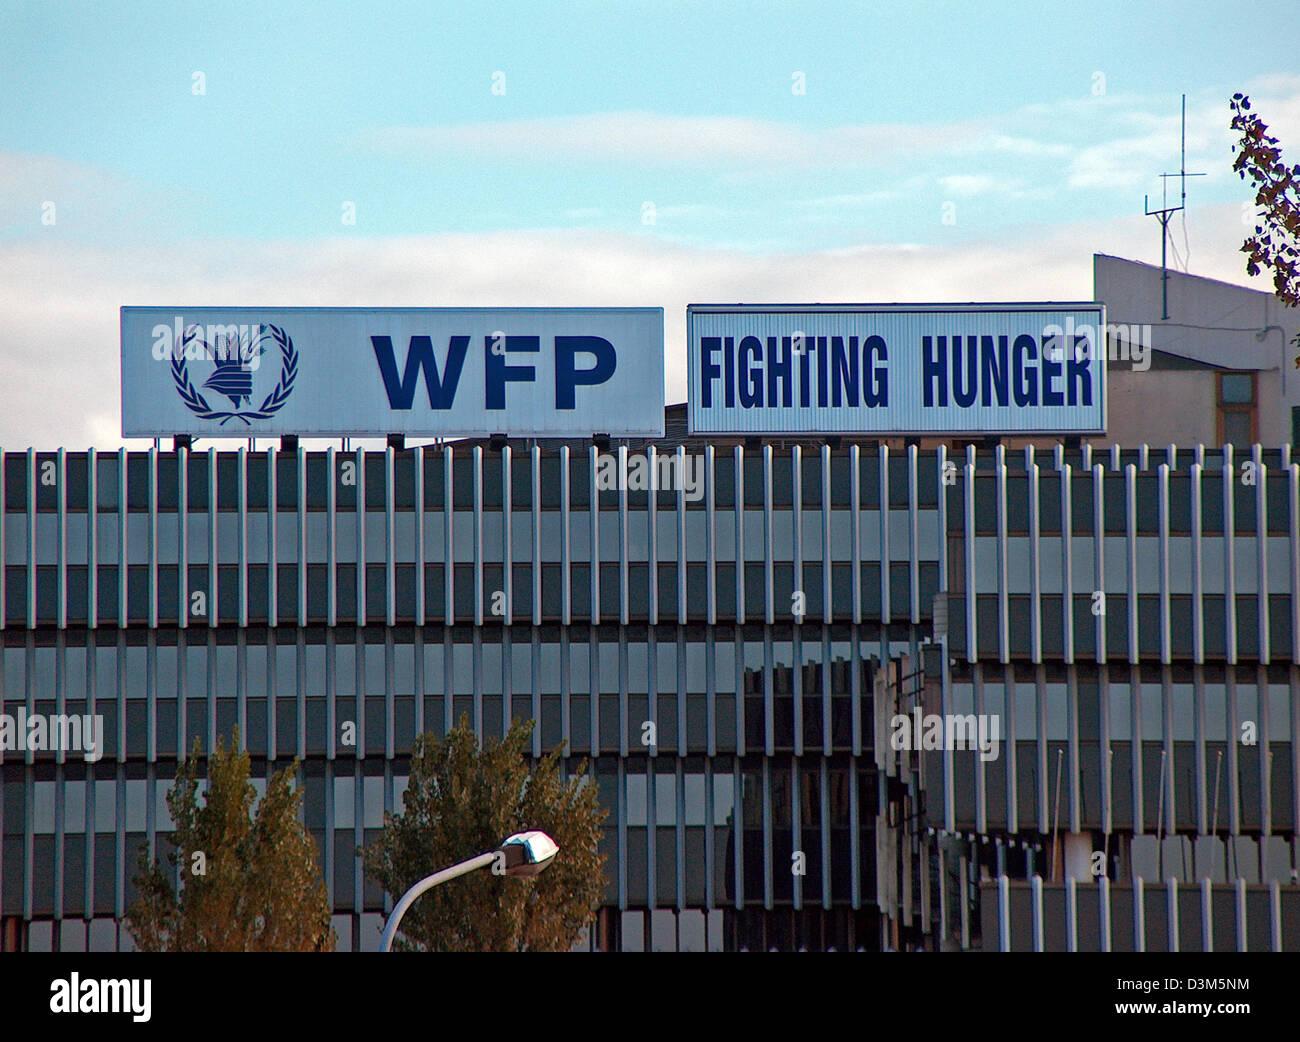 Dpa Das Bild Zeigt Das Hauptquartier Der Vereinten Nationen Un World Food Programme Wfp In Rom Italien 23 November 2005 Das Gemeinsame Nahrungsmittelhilfeprogramm Der Uno Und Der Ernahrung Und Landwirtschaftsorganisation Fao